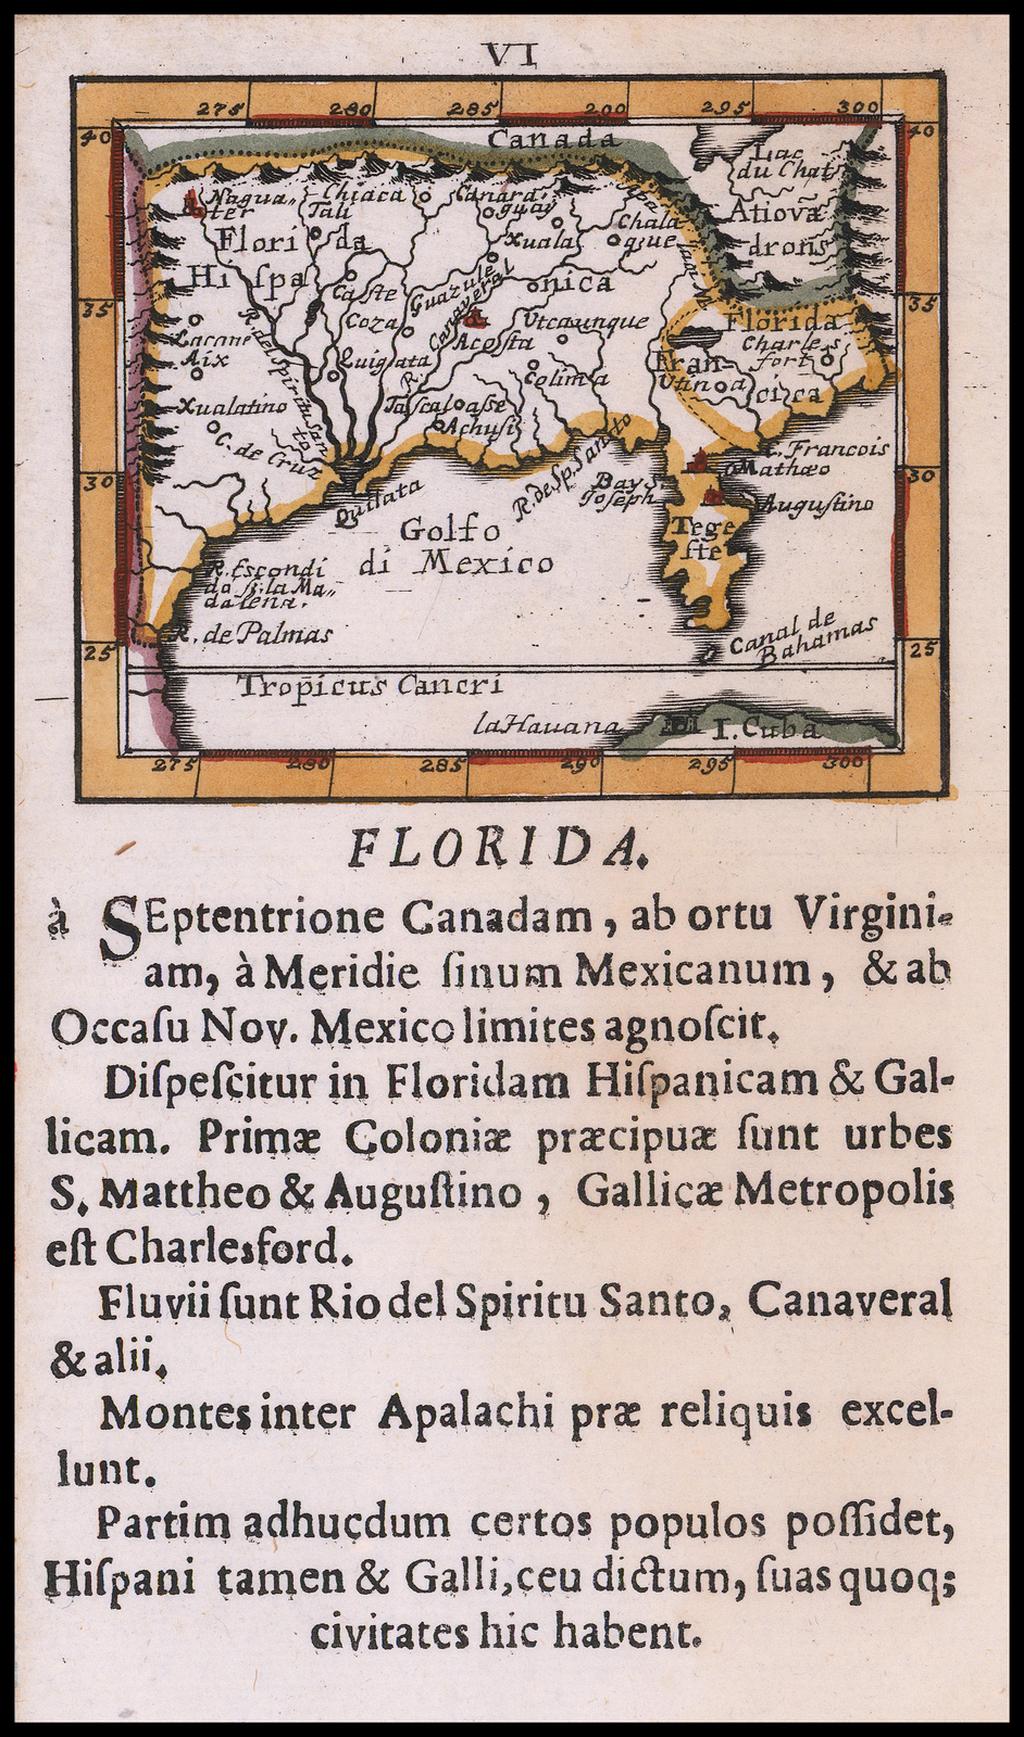 Florida By Johann Ulrich Muller